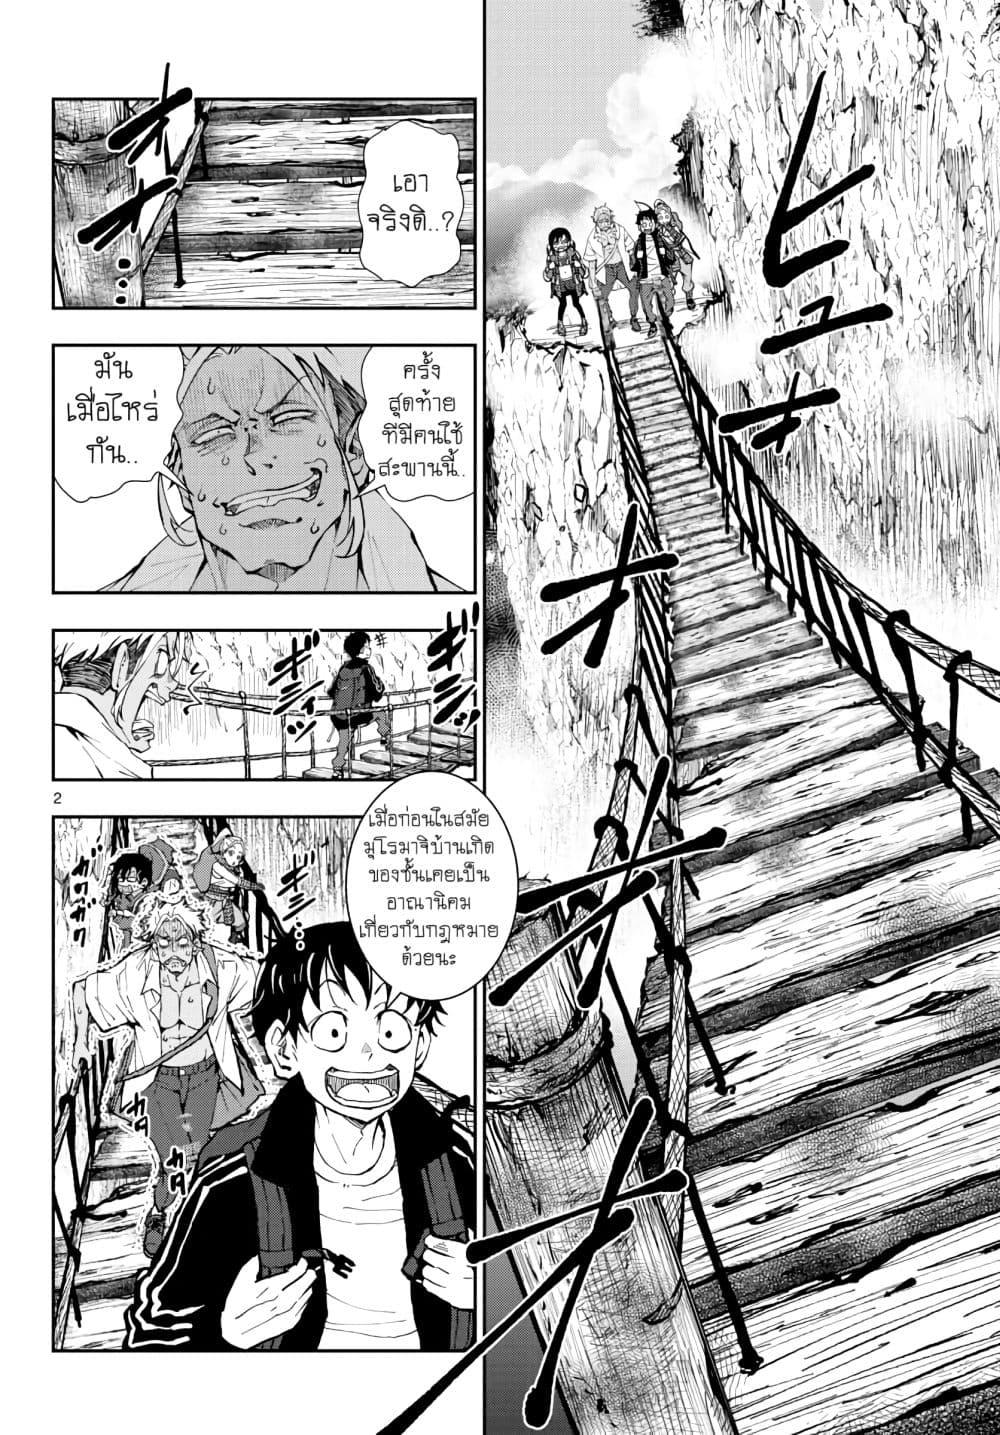 อ่านการ์ตูน Zombie 100 Zombie Ni Naru Made Ni Shitai 100 no koto ตอนที่ 15 หน้าที่ 2